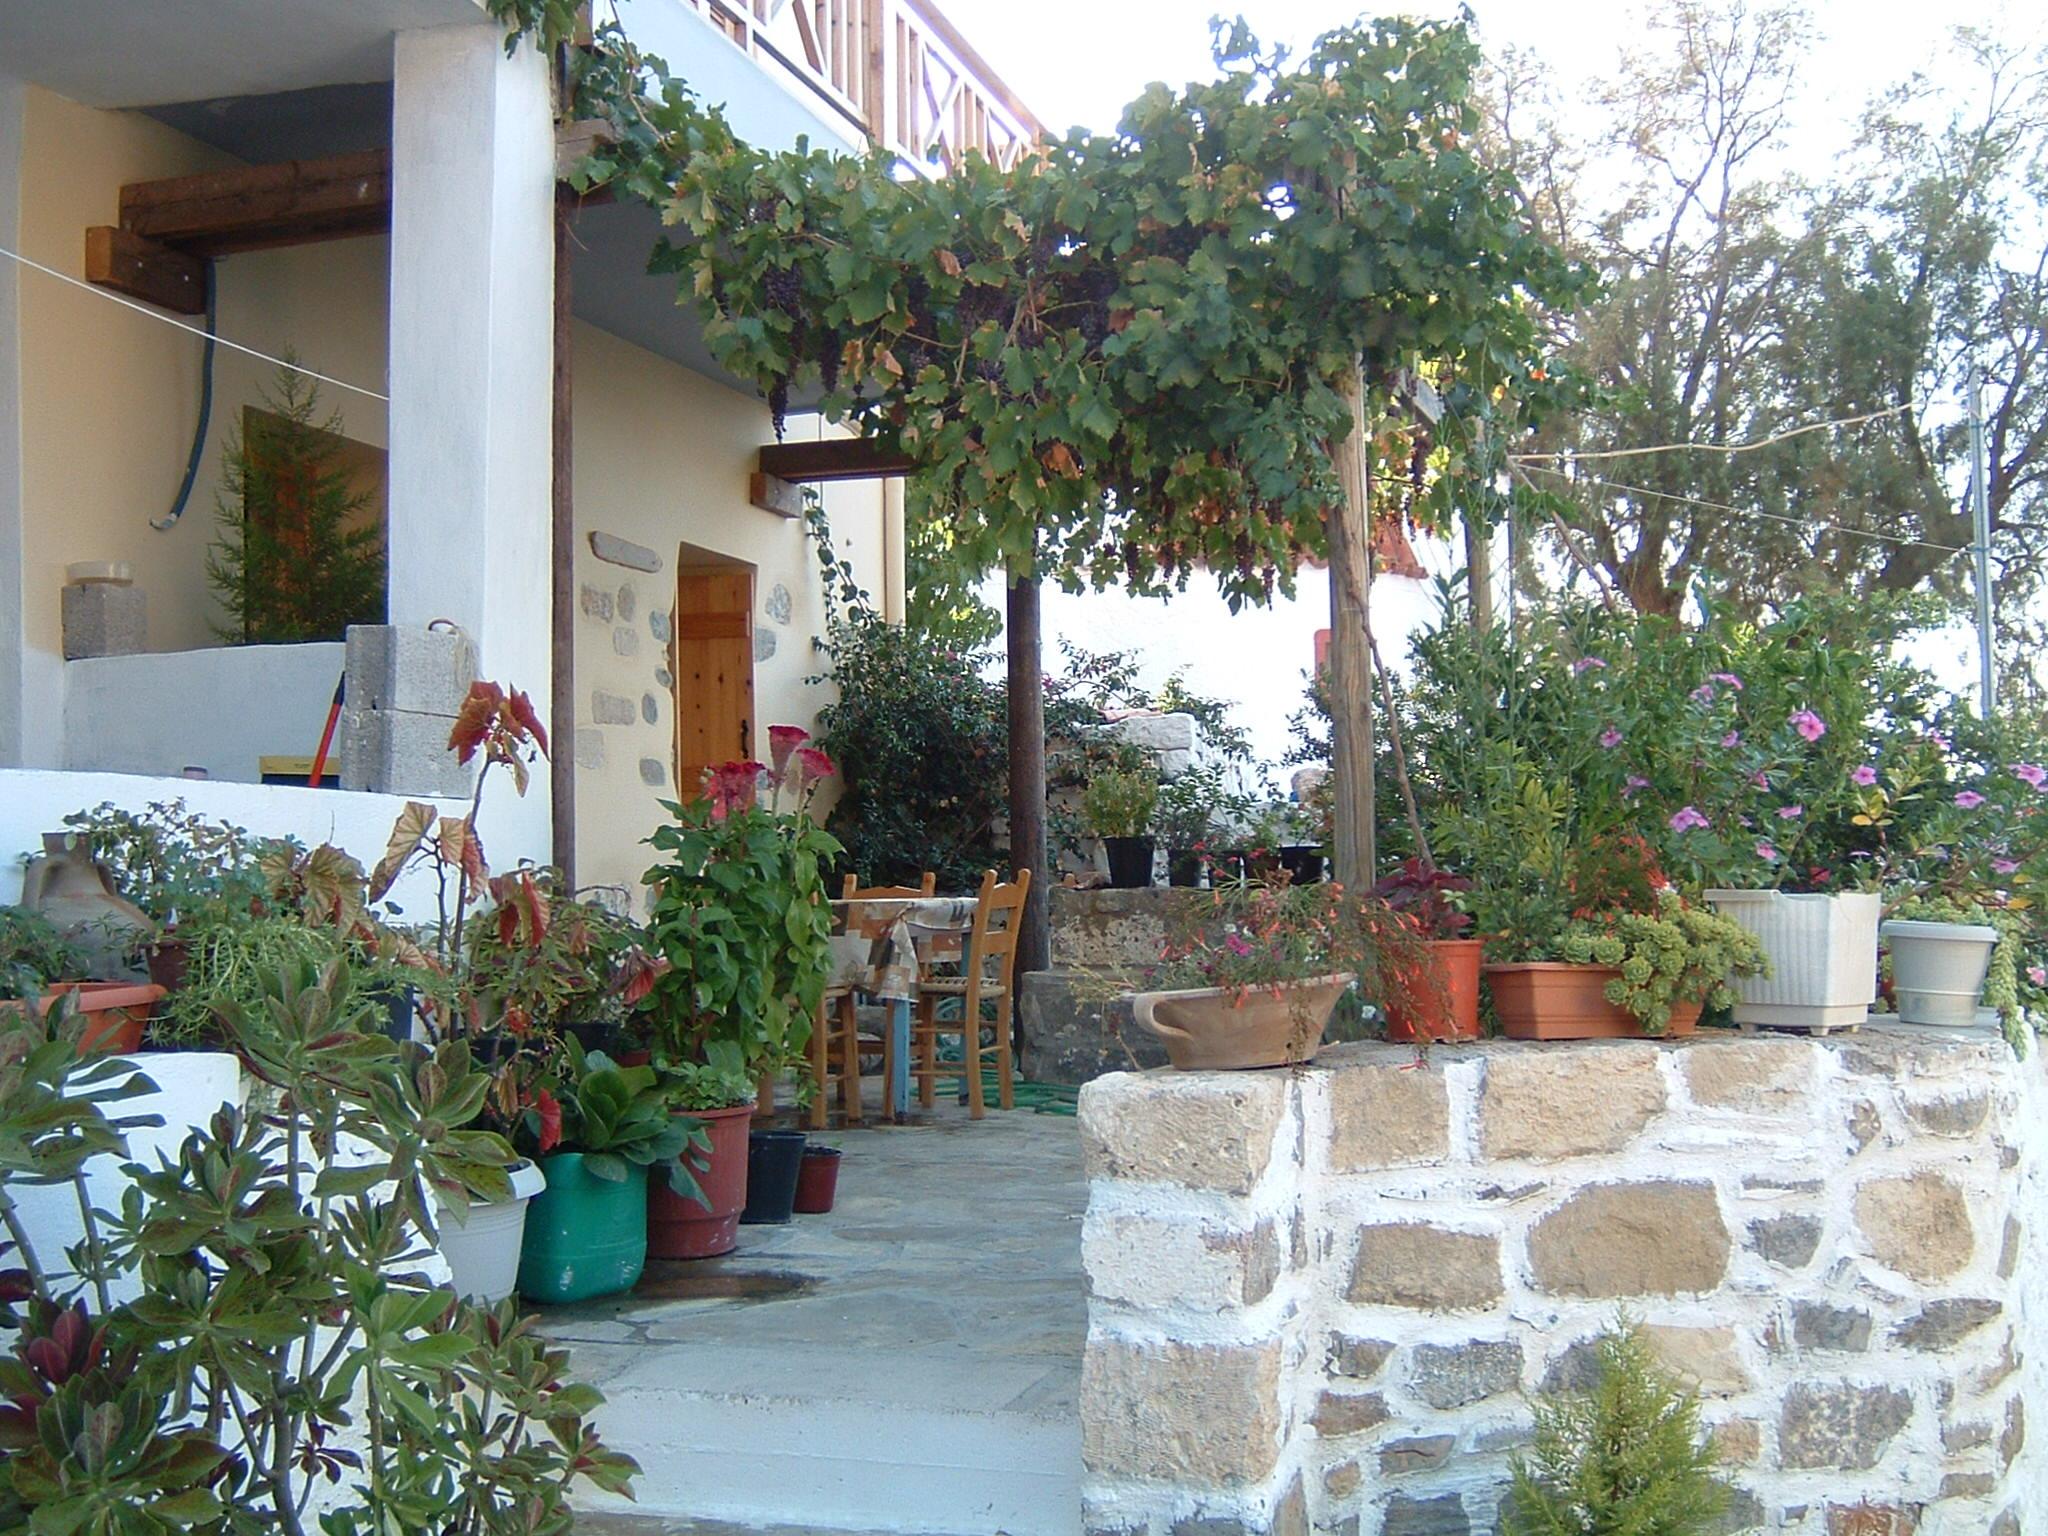 Nyrenovert landsbyhus i Kavousi med gårdsplass og takterrasse.